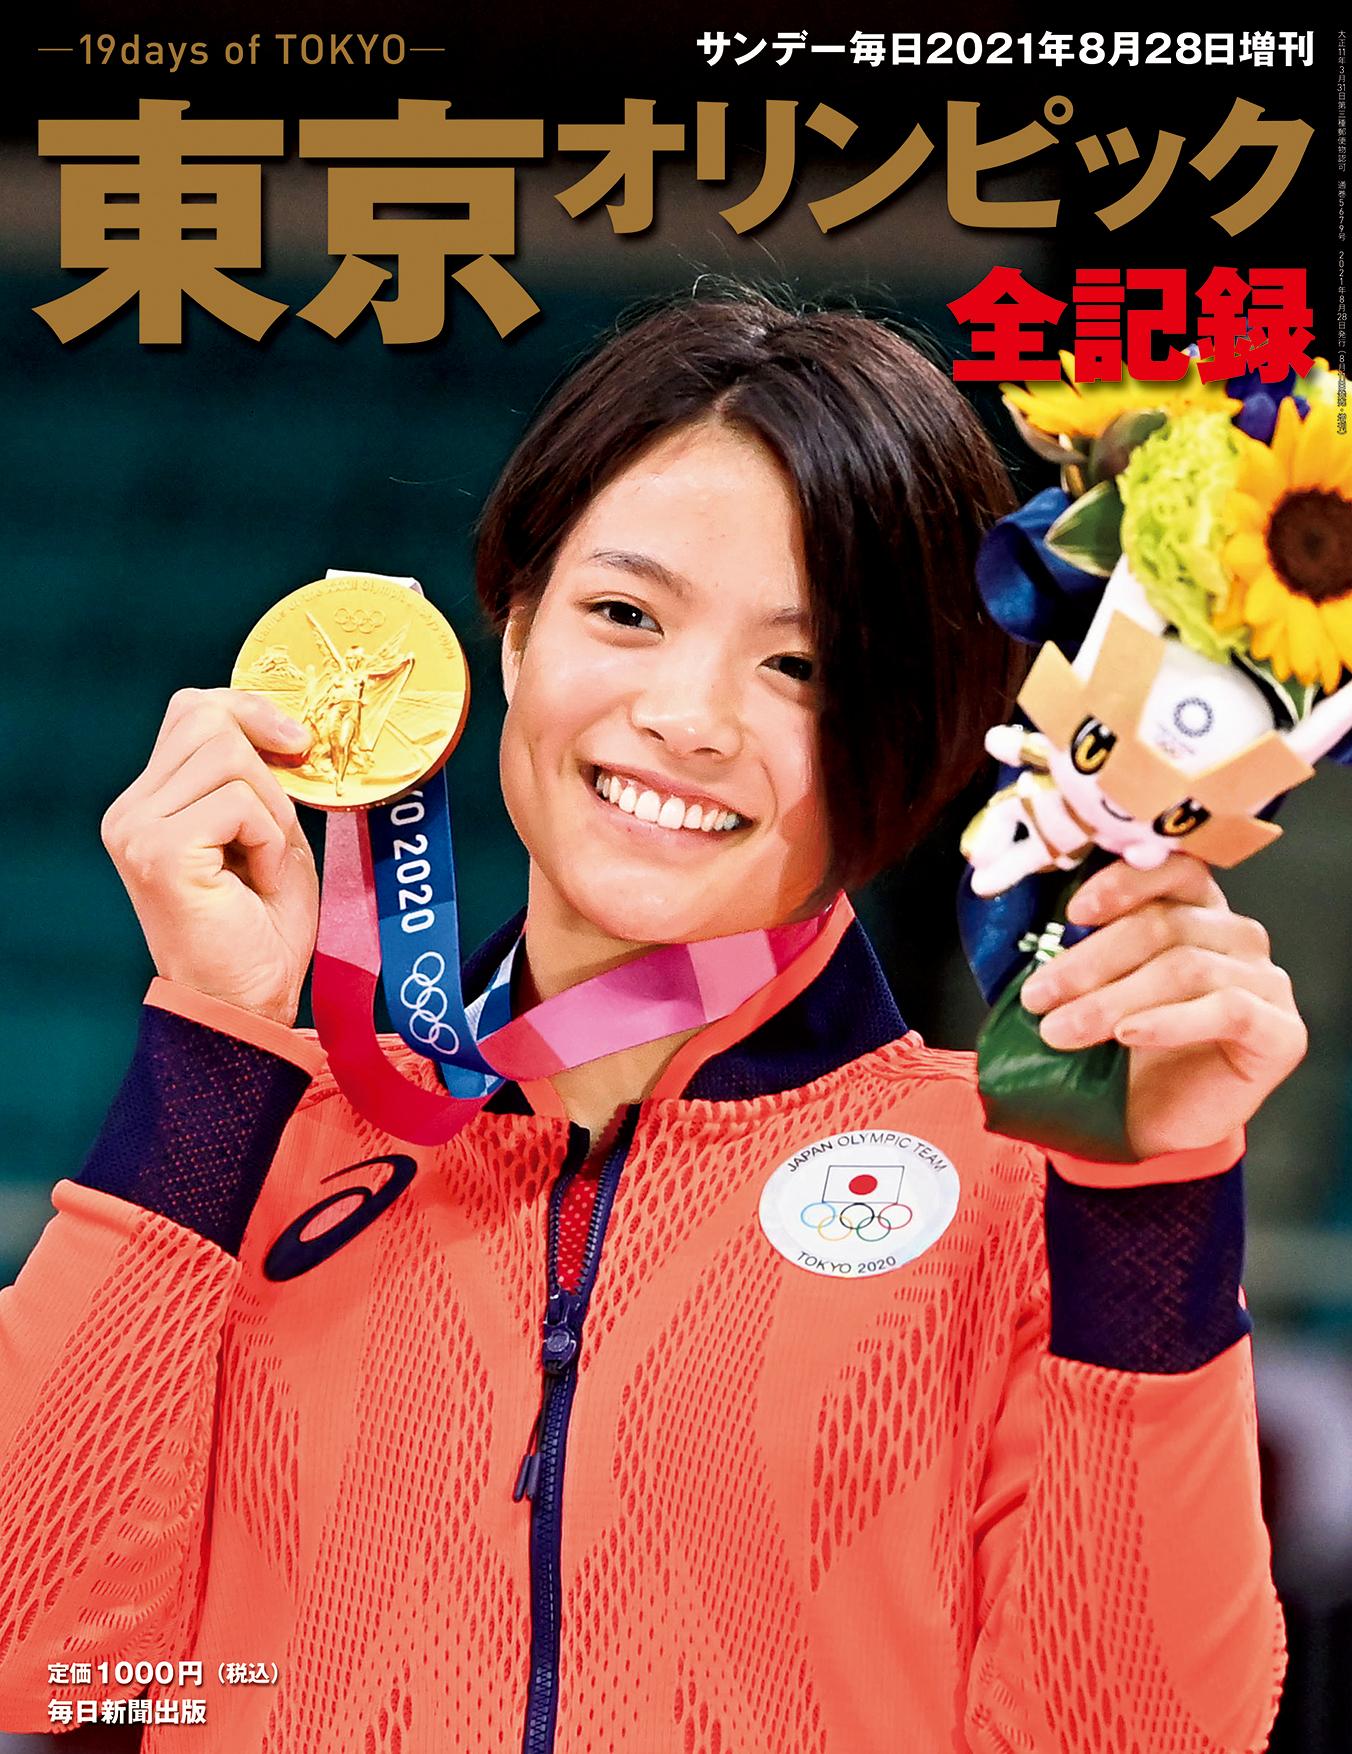 書影:東京オリンピック 全記録